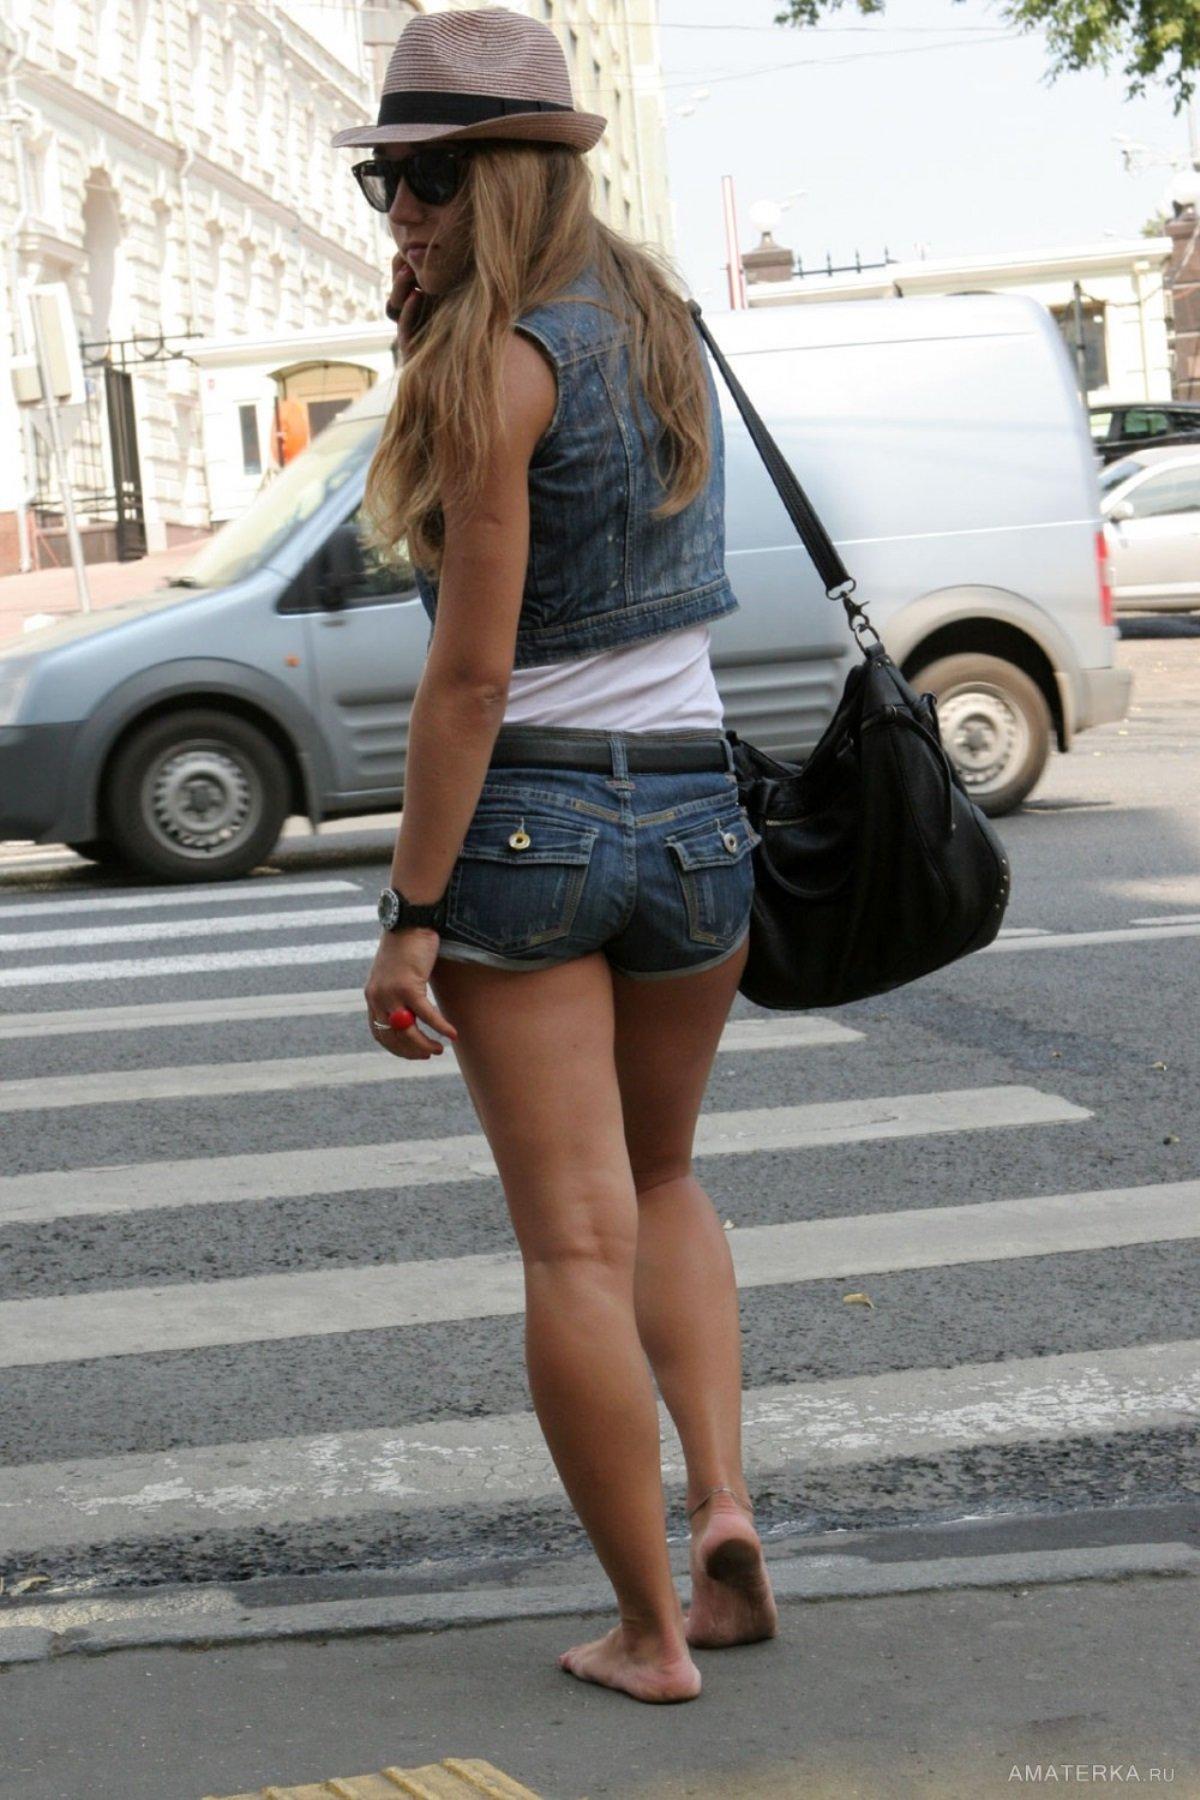 женские ноги на улицах города летом фото что